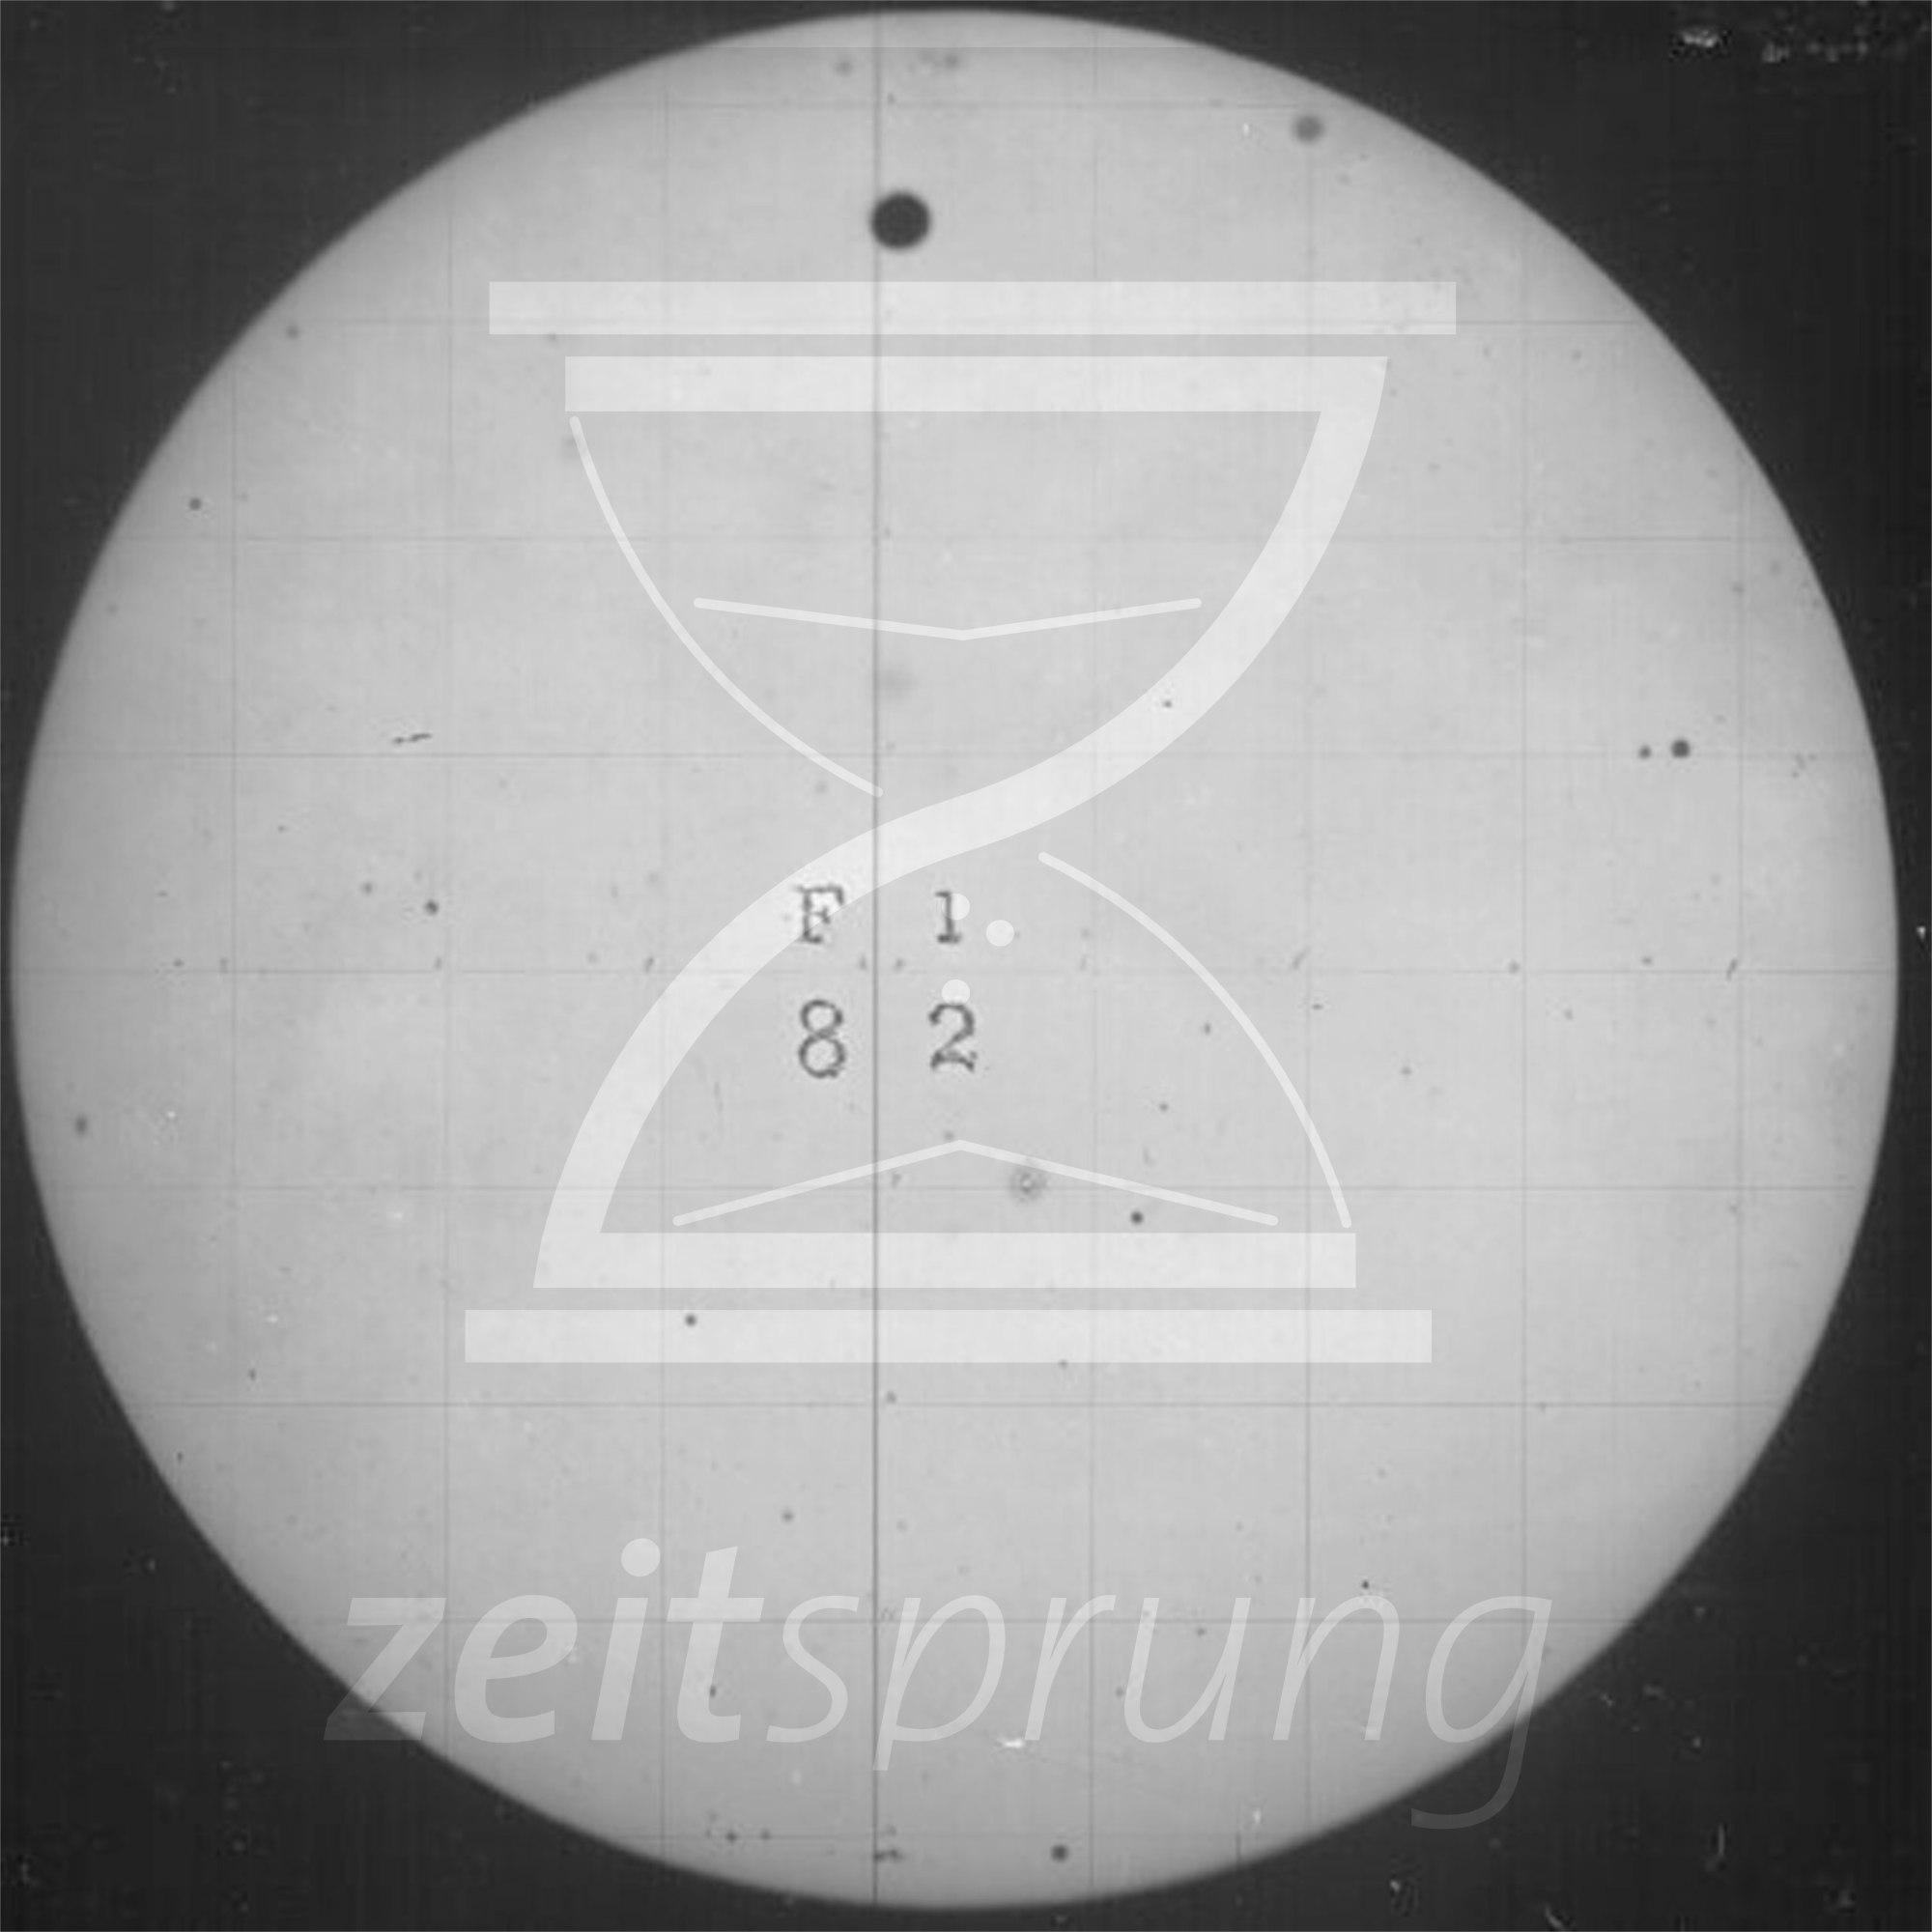 ZS248: Der Venustransit von 1761/69 und das erste wissenschaftliche Großprojekt